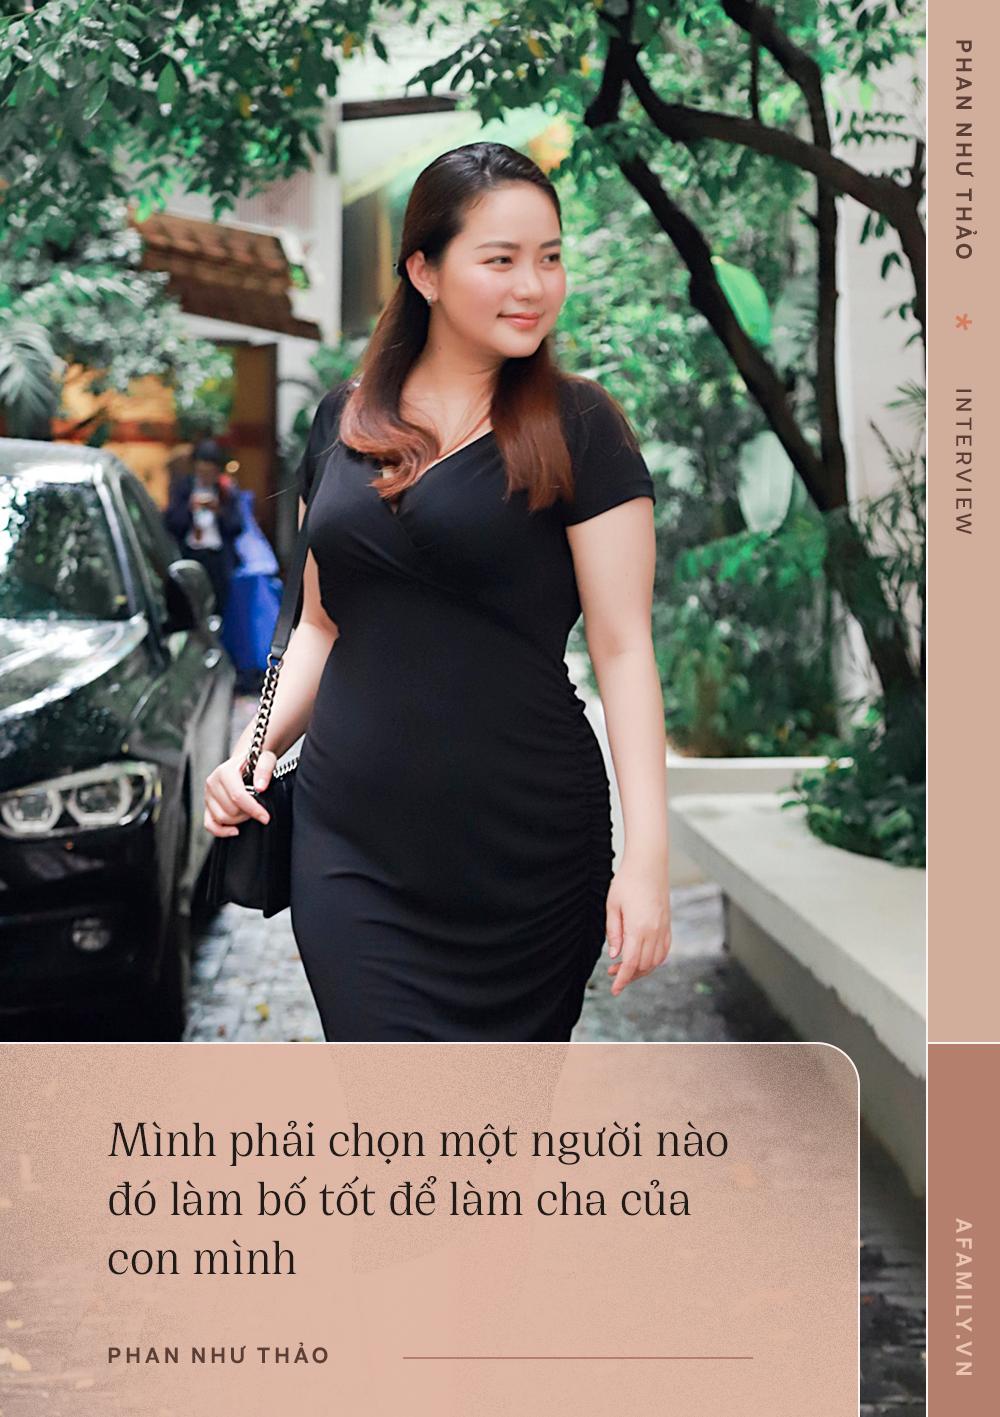 """Phan Như Thảo: Chồng mình yêu tới """"mờ mắt"""" nên vợ béo vẫn thấy hấp dẫn, thậm chí còn bảo sống mà ăn uống khổ sở thì chết đi cho rồi - Ảnh 4."""